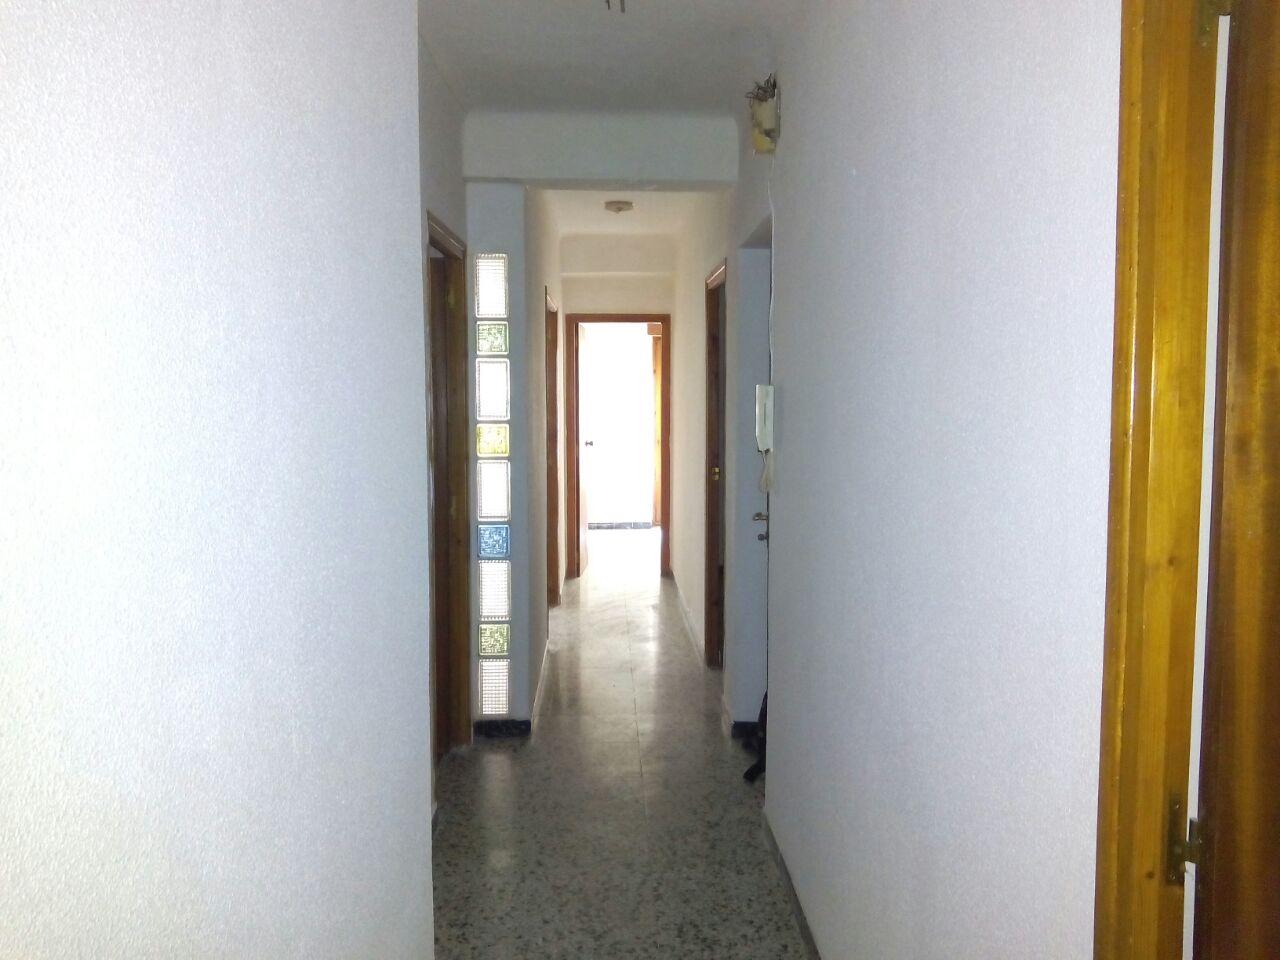 Piso en venta en Jijona/xixona, Alicante, Calle la Vila, 19.900 €, 3 habitaciones, 1 baño, 86 m2